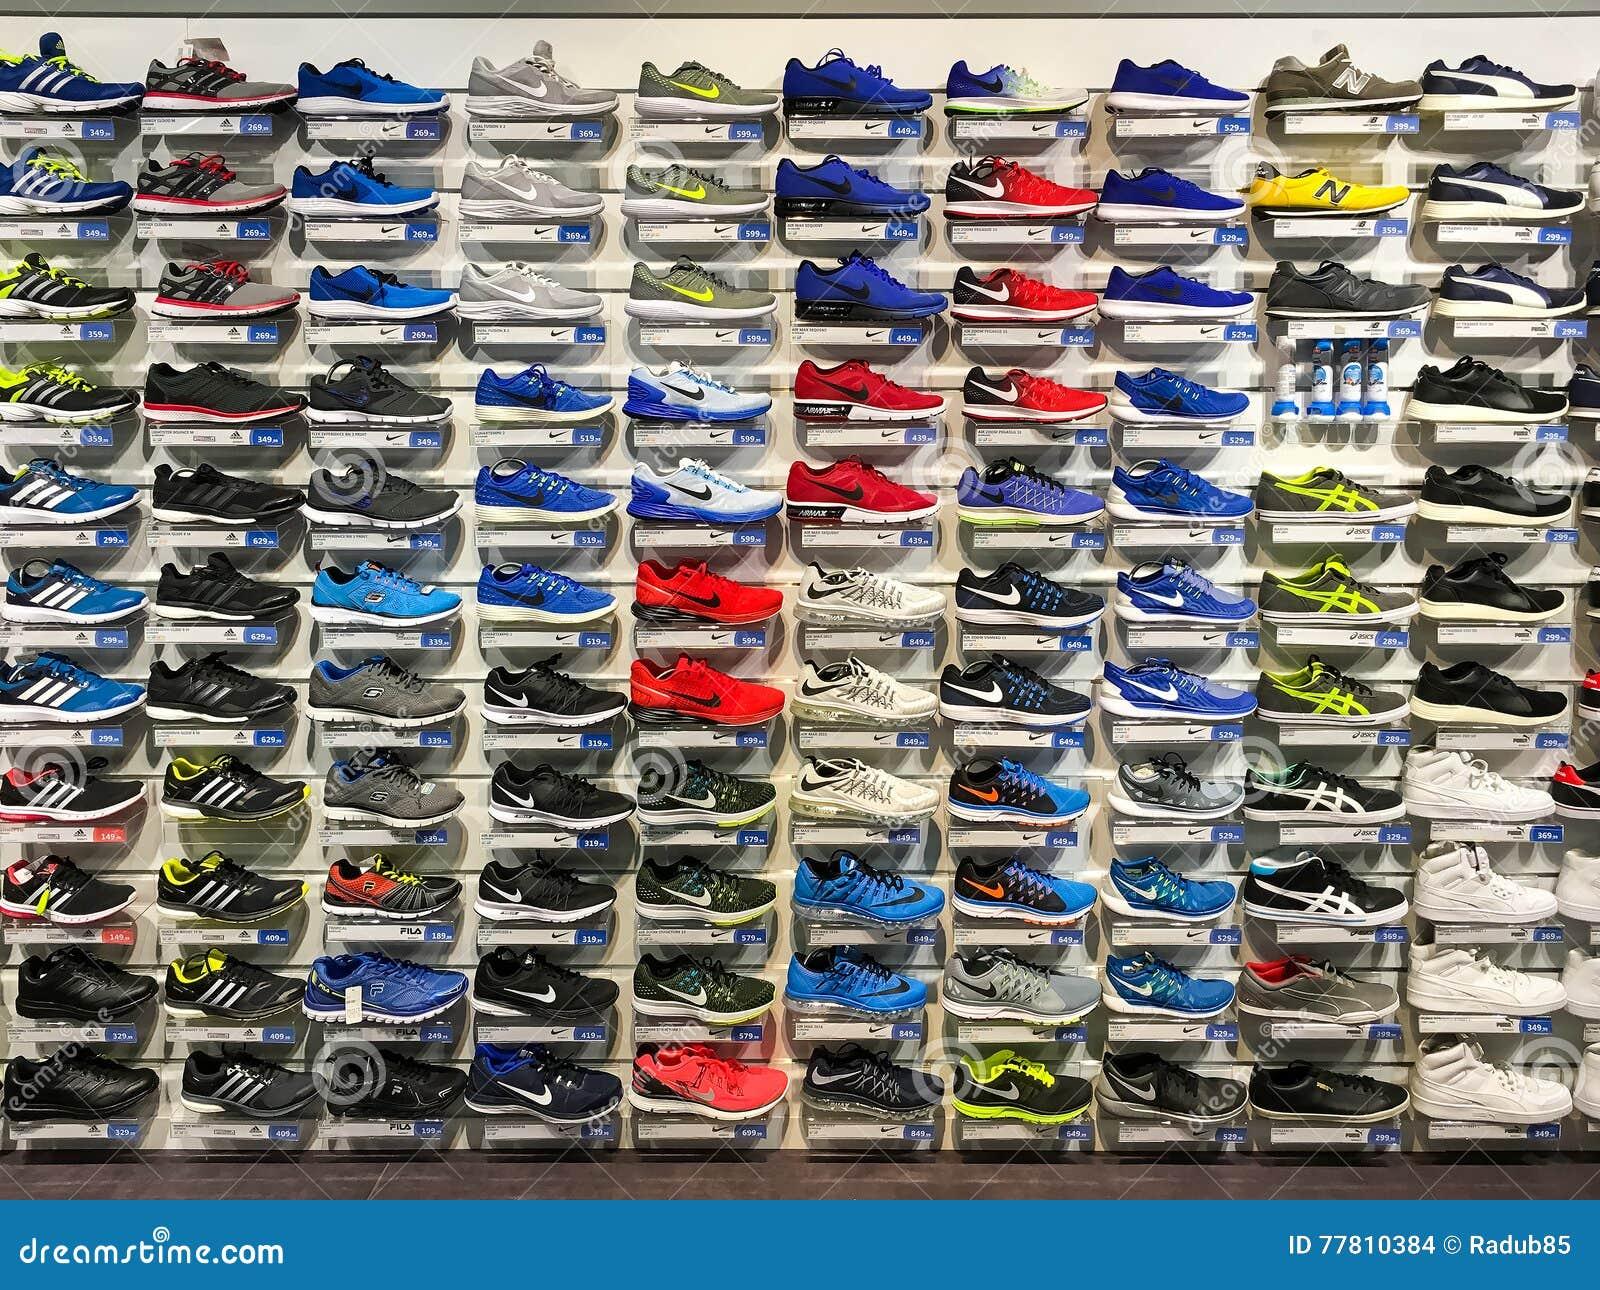 Run 21 clothing store